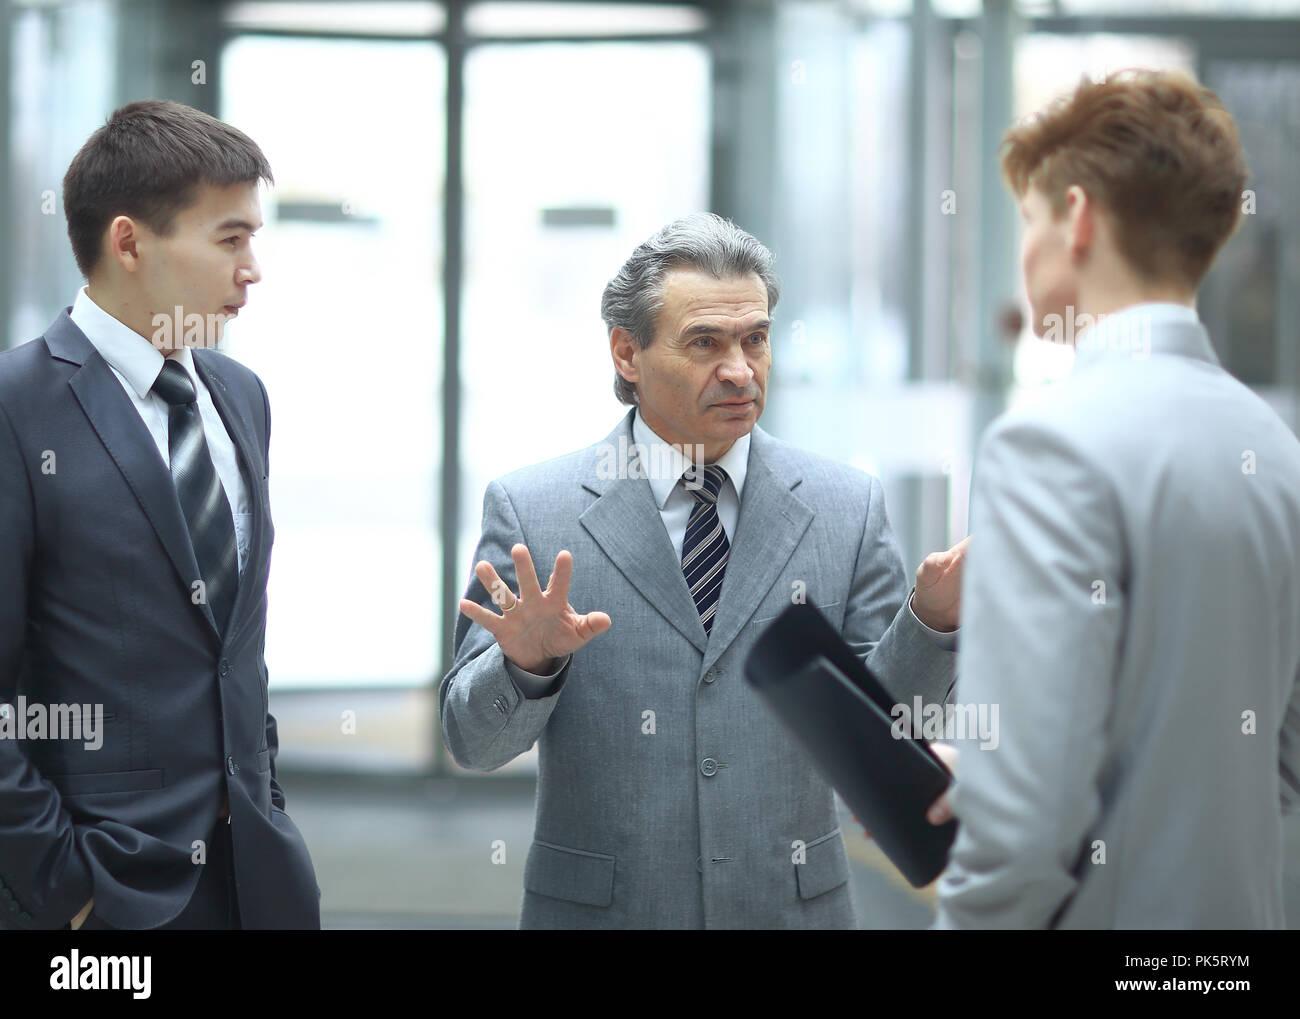 Strenge Chef im Gespräch mit einem Mitarbeiter. Foto auf unscharfen Büro Hintergrund Stockbild